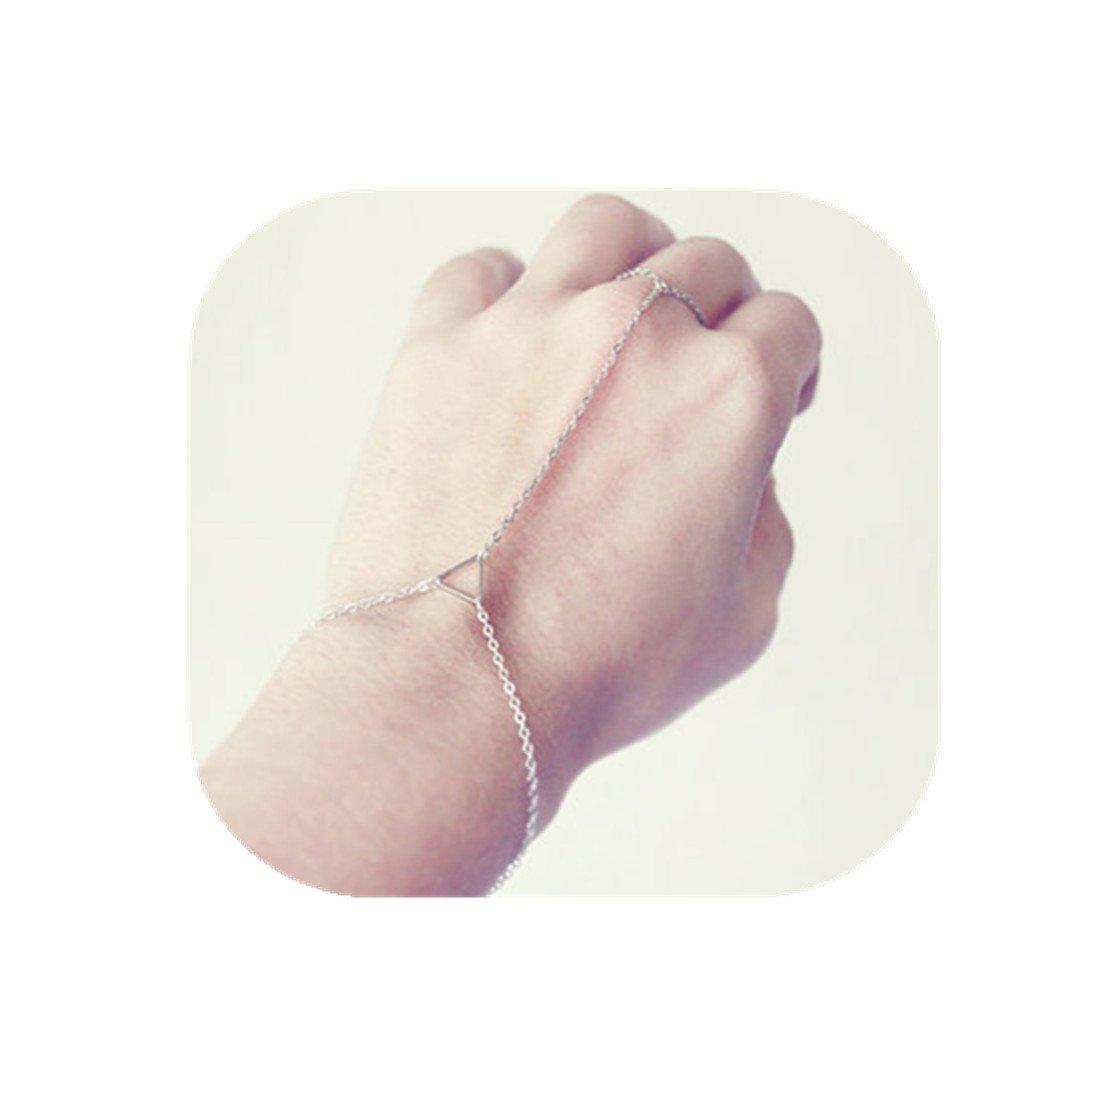 Simple Bracelet Sterling Silver CHENCAN01 Dainty Triangle Bracelet Best friend Gift Geometric Bracelet Minimalist Bracelet Triangle Charm